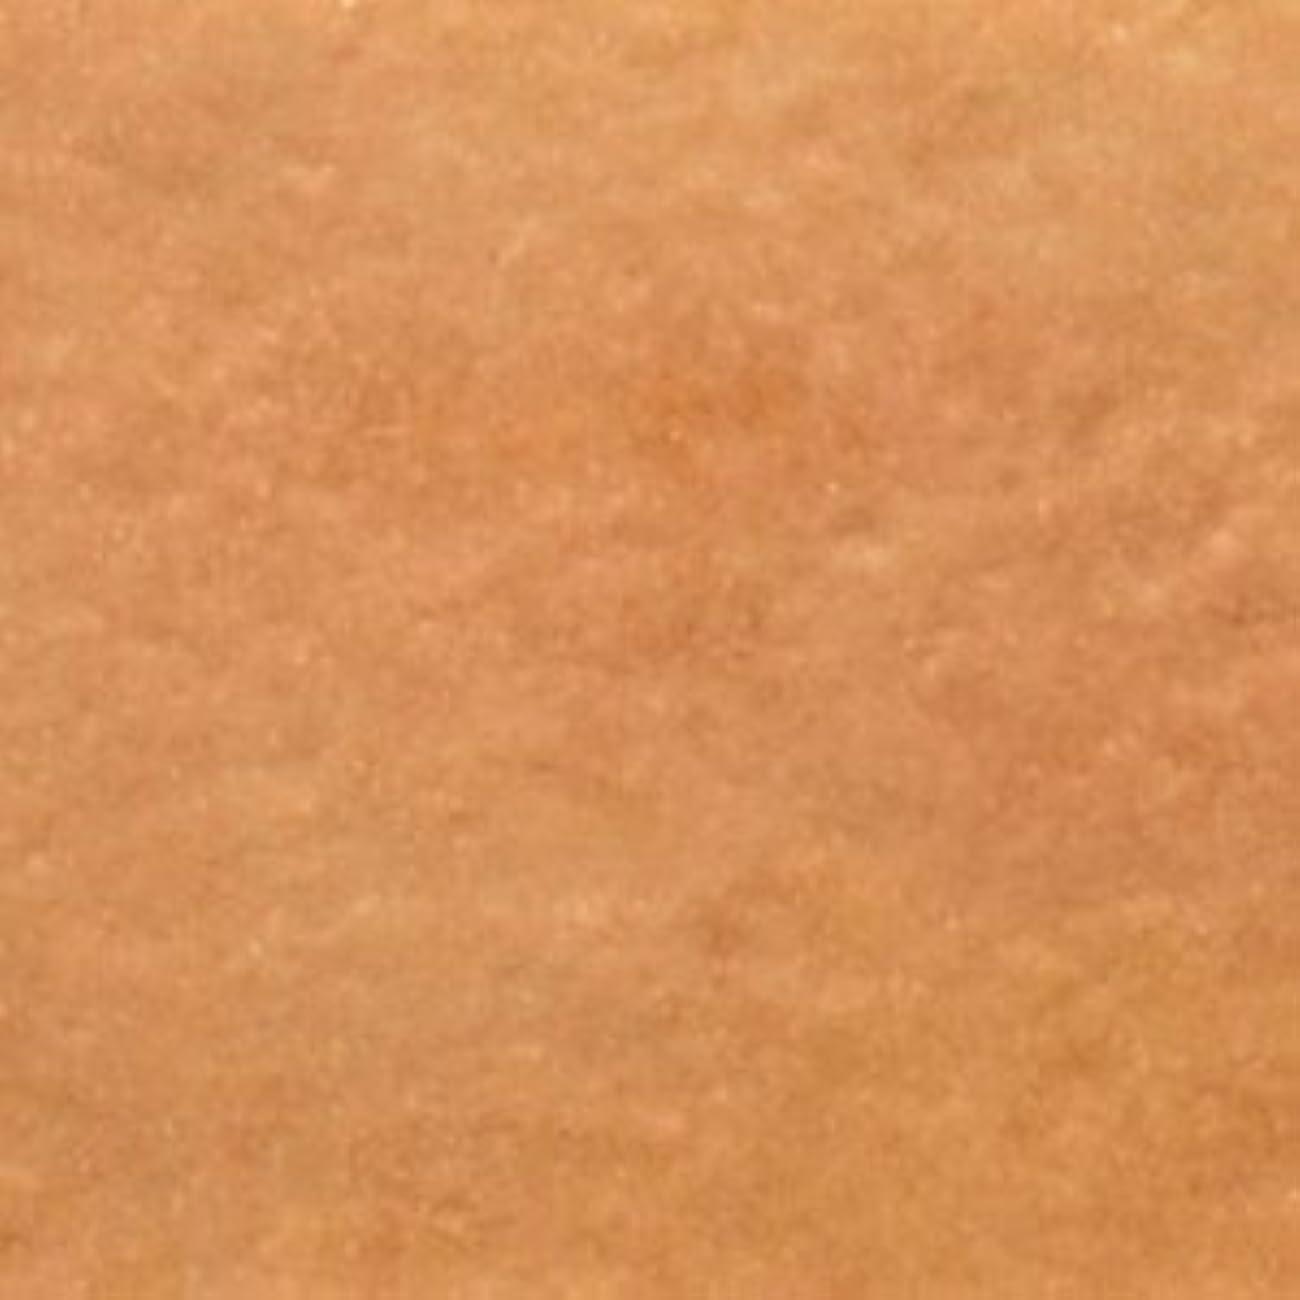 スライム韓国語慢サンゲツ クッションフロア 石目 テラコッタ (長さ1m x 注文数) 型番: HM-2097 01M